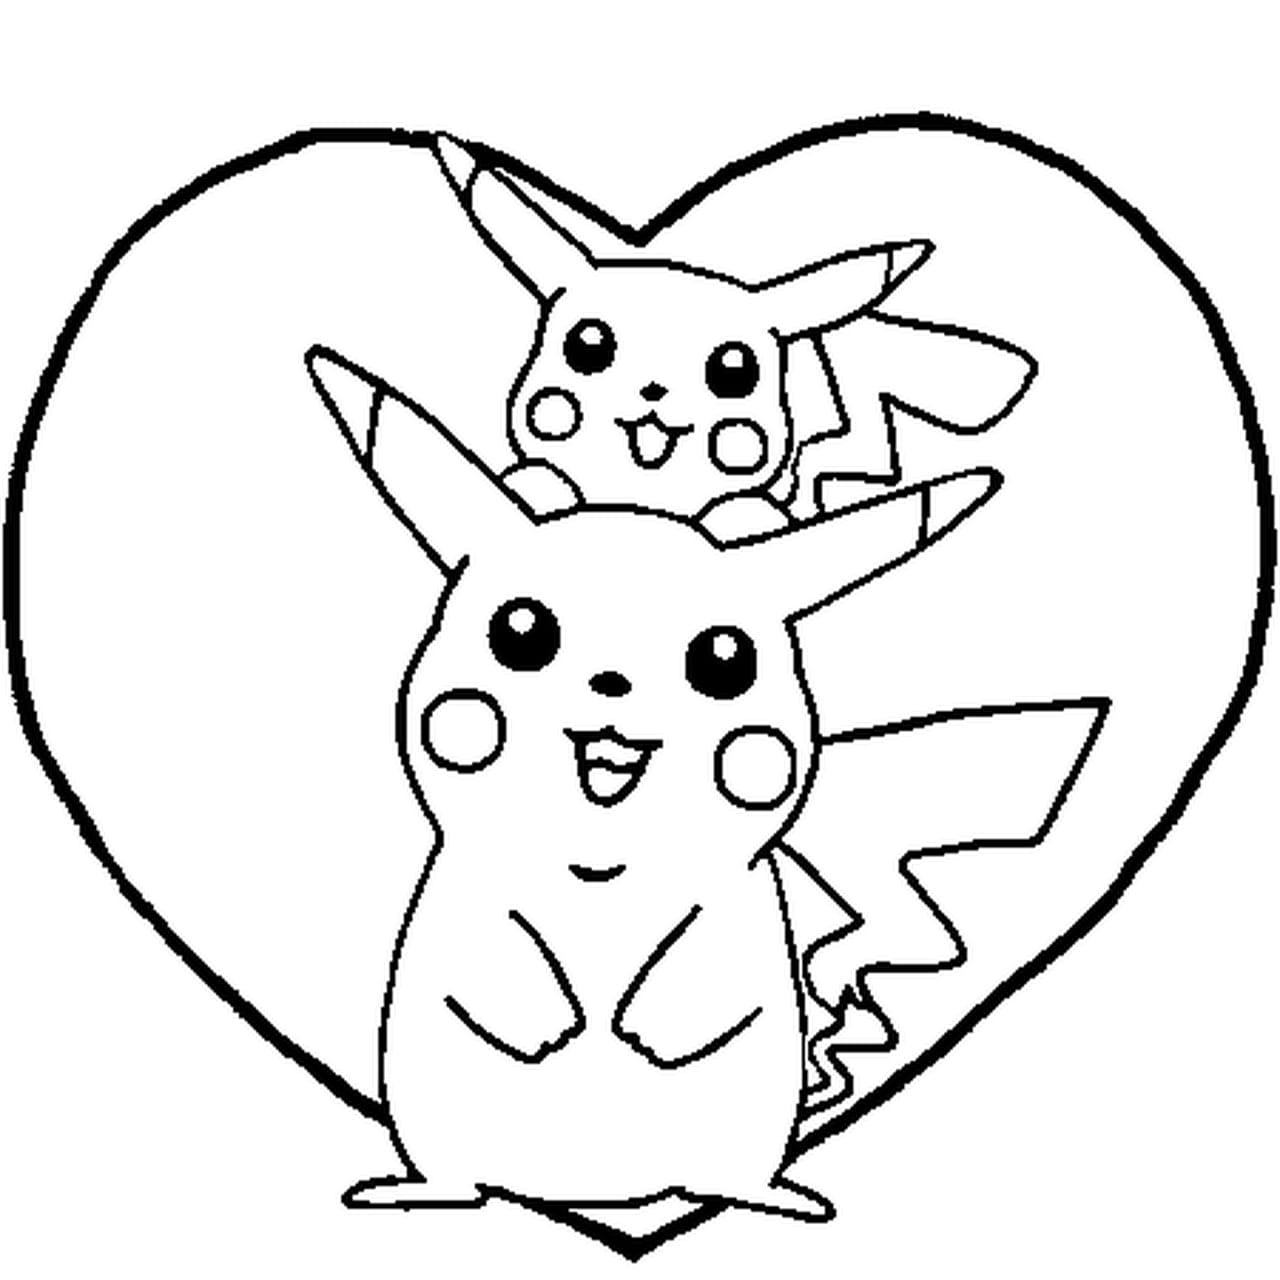 Coloriage Pikachu En Ligne Gratuit à Imprimer